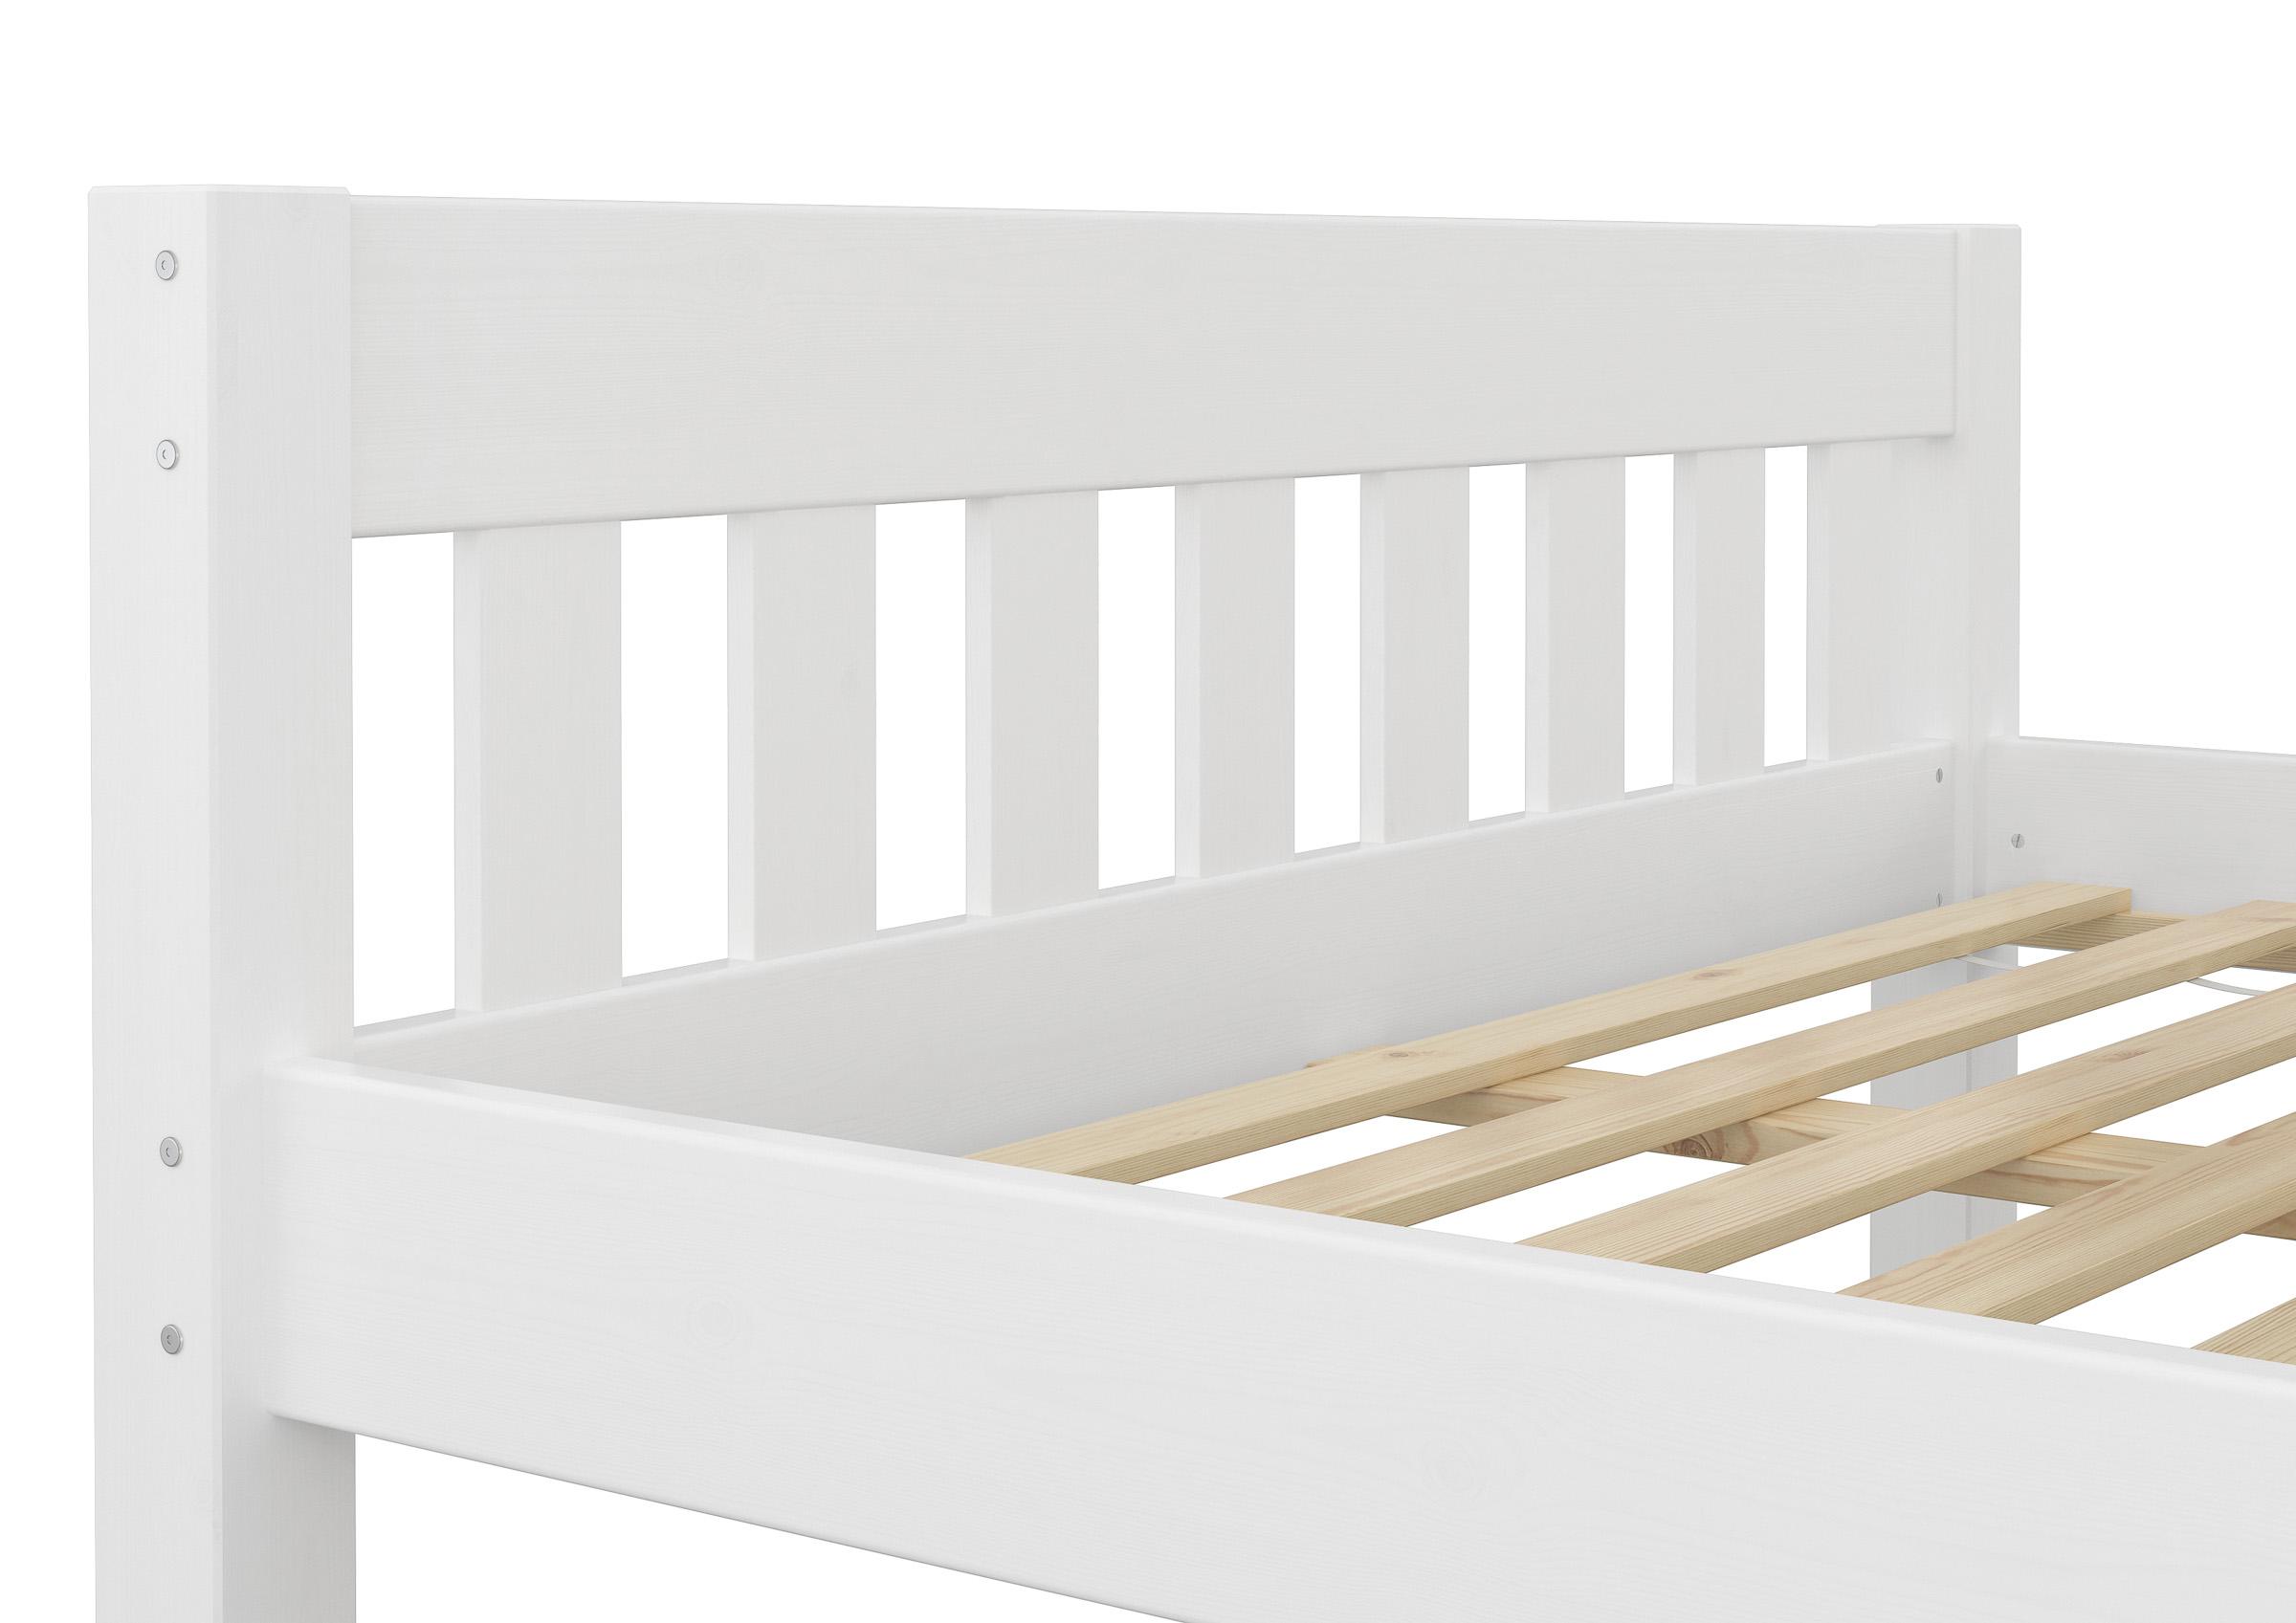 Full Size of Holz Bett Bettgestell Ohne Auflagen Wei Kiefer Massiv 140x200 Selber Bauen Betten 180x200 Französische Jabo Mit Gästebett 120x200 Tojo überlänge Massivholz Bett Weißes Bett 140x200